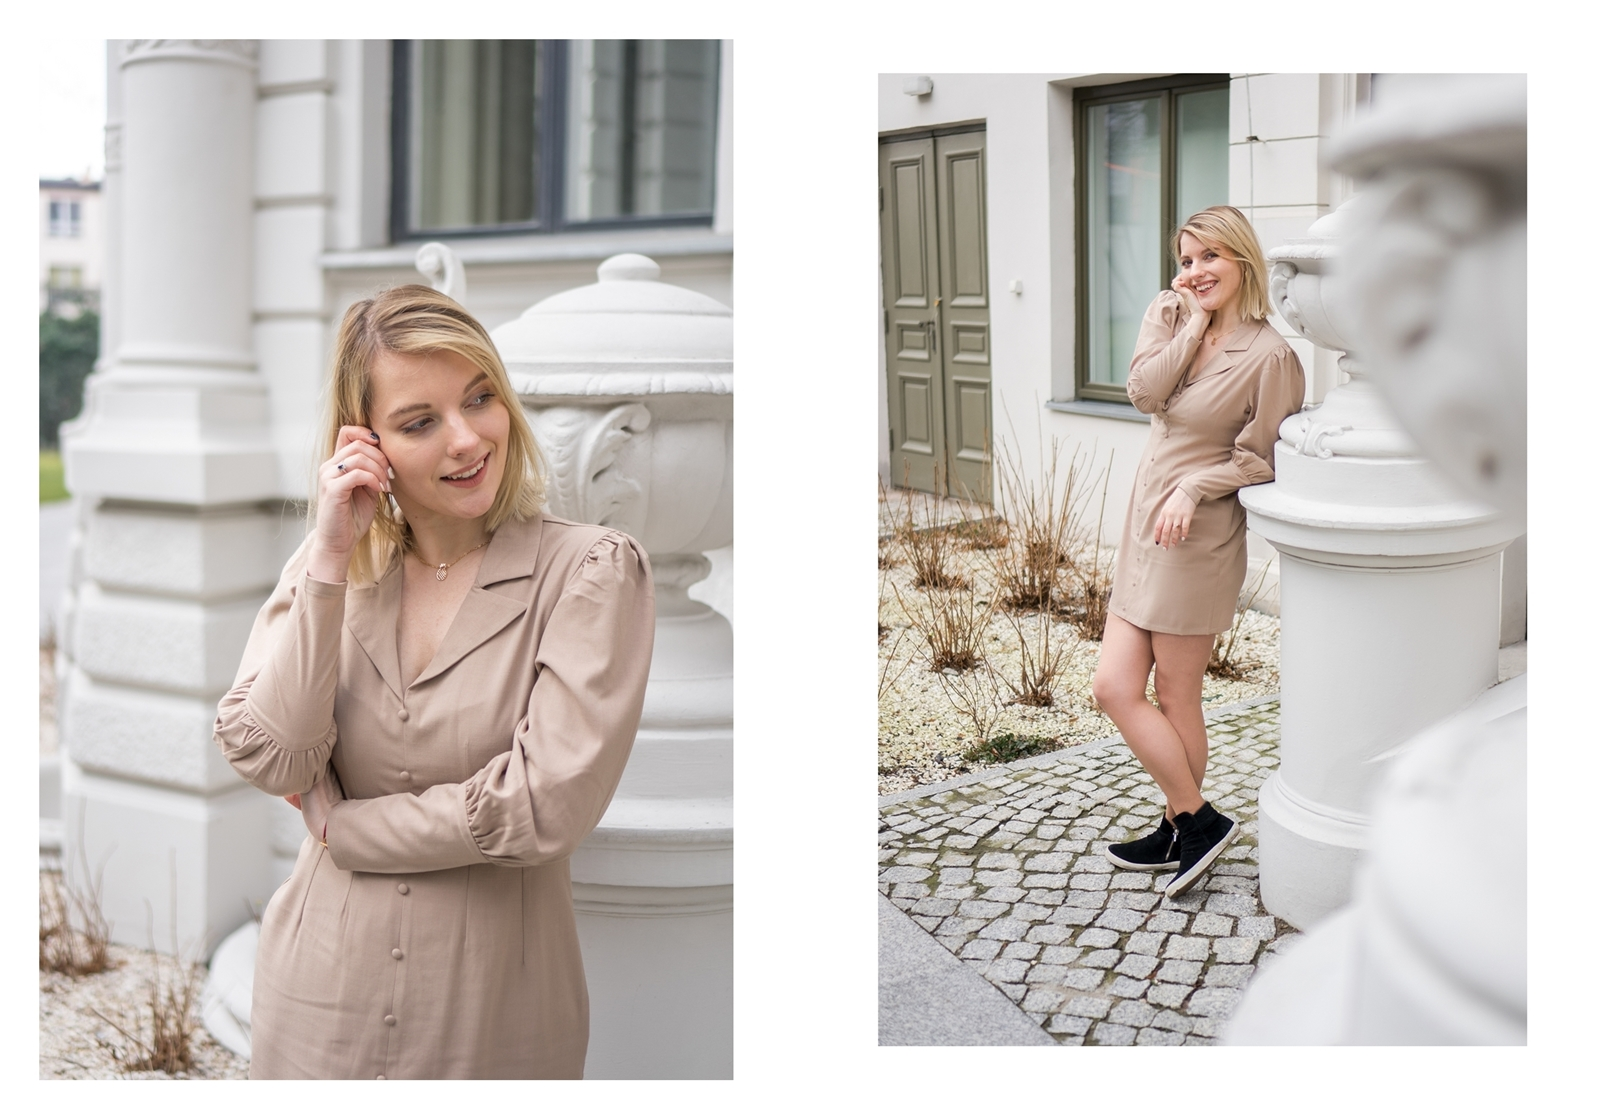 9a na-kd na kd lounge kod zniżkowy outlet rabat zakupy płaszcz na jesień kremowy sukienka modne stylizacje total look blog łódź fashion lifestyle